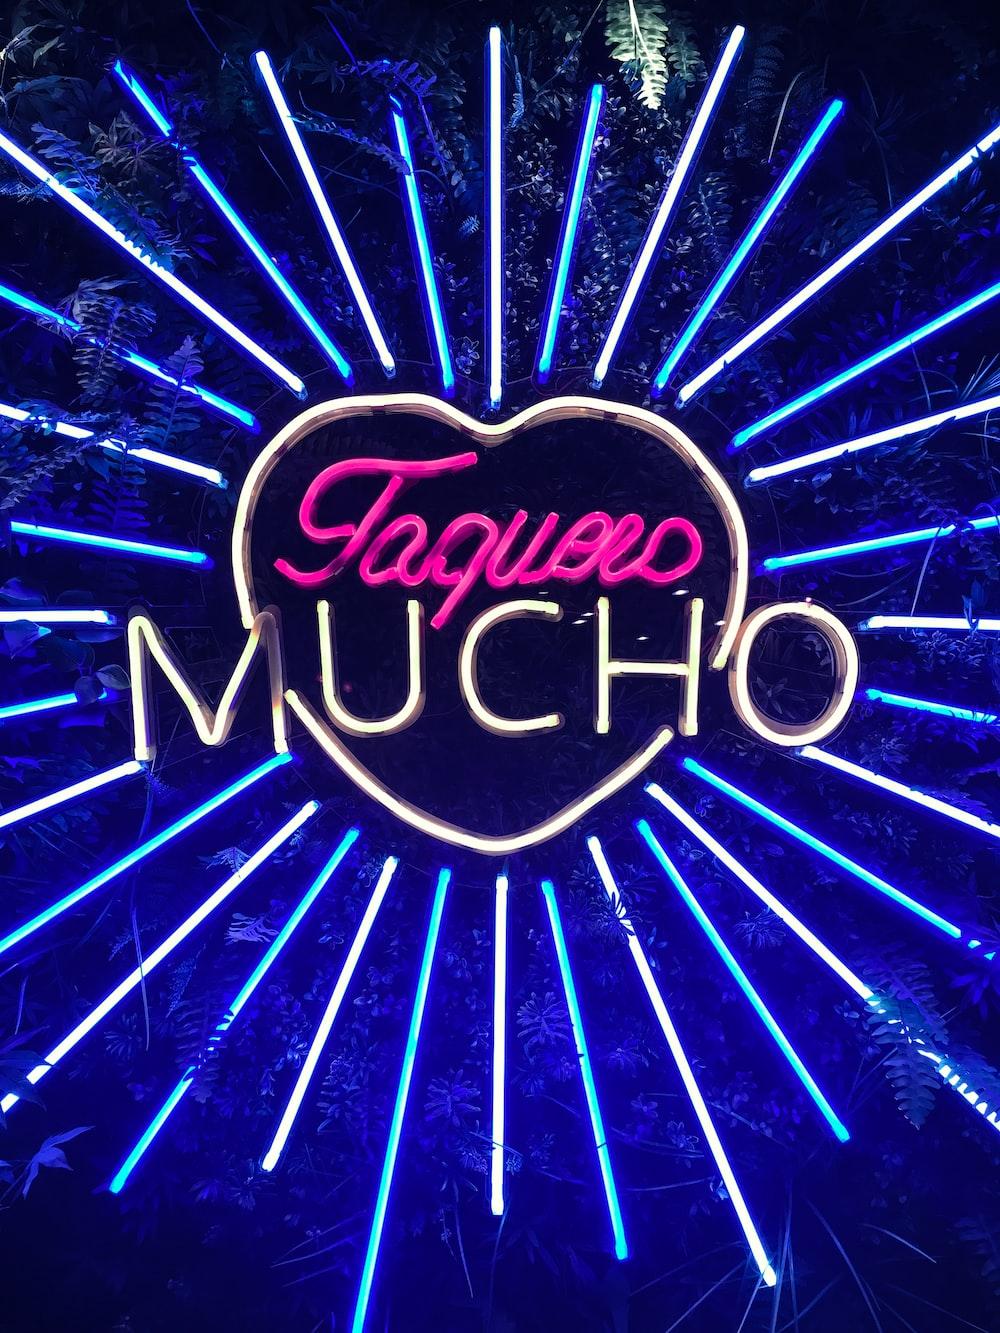 lighted Toquero Mucho signage